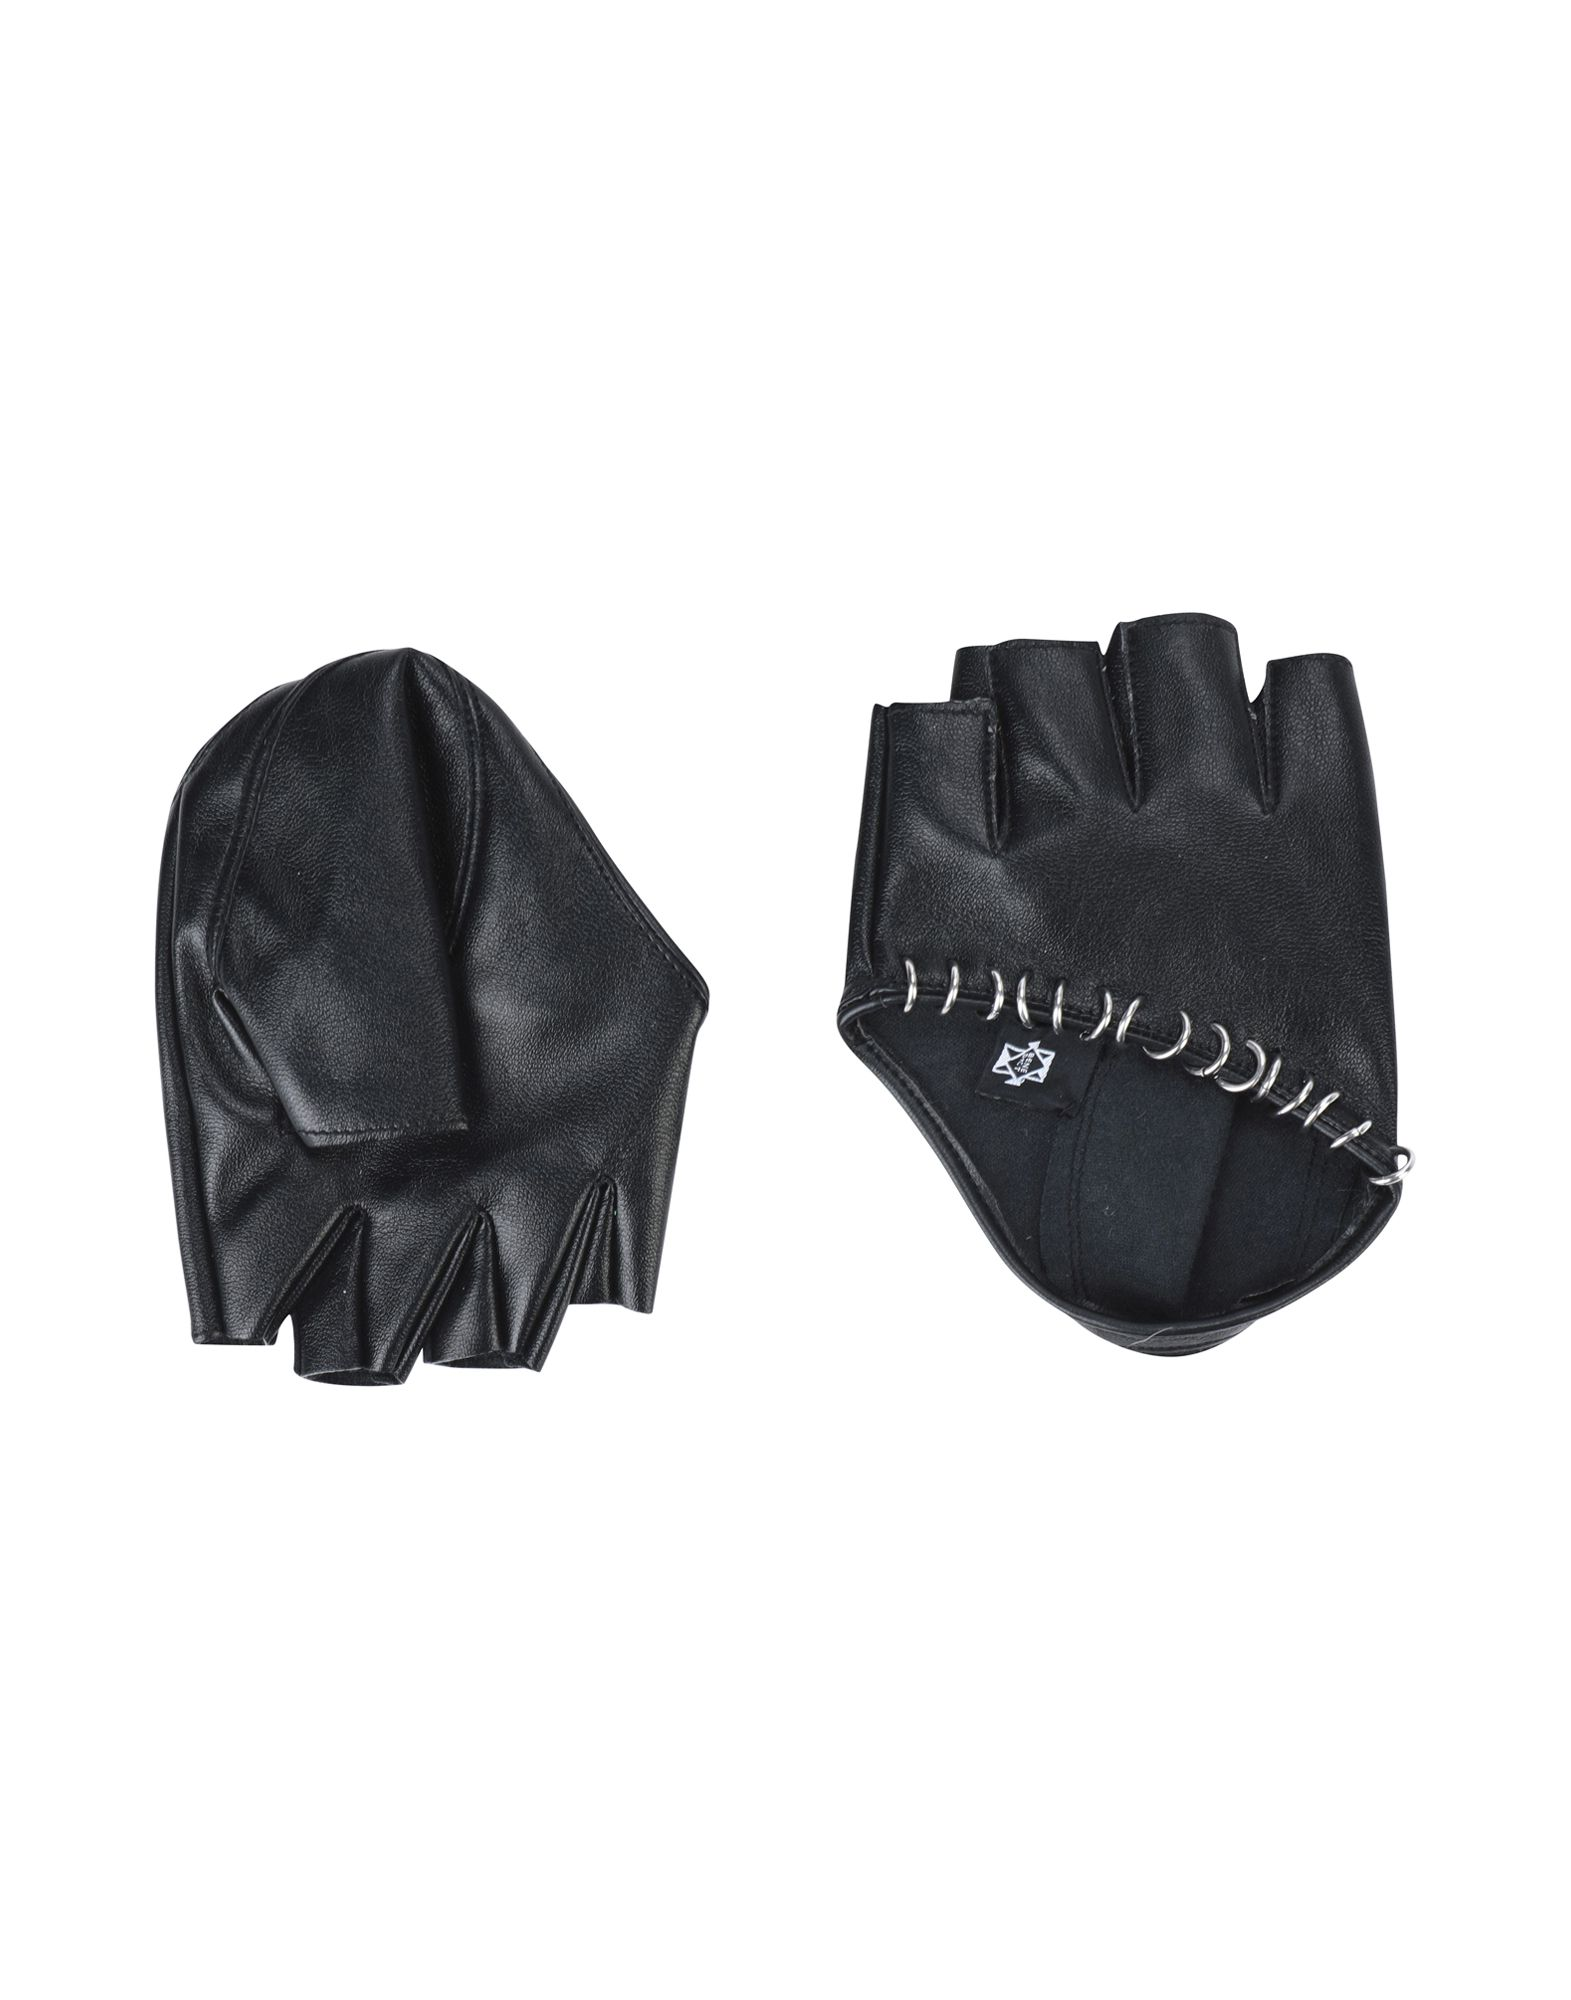 BENEDICT Перчатки стрельба из лука защитите перчатки 3 пальцы тянуть поклон стрелка кожа съемки перчатки